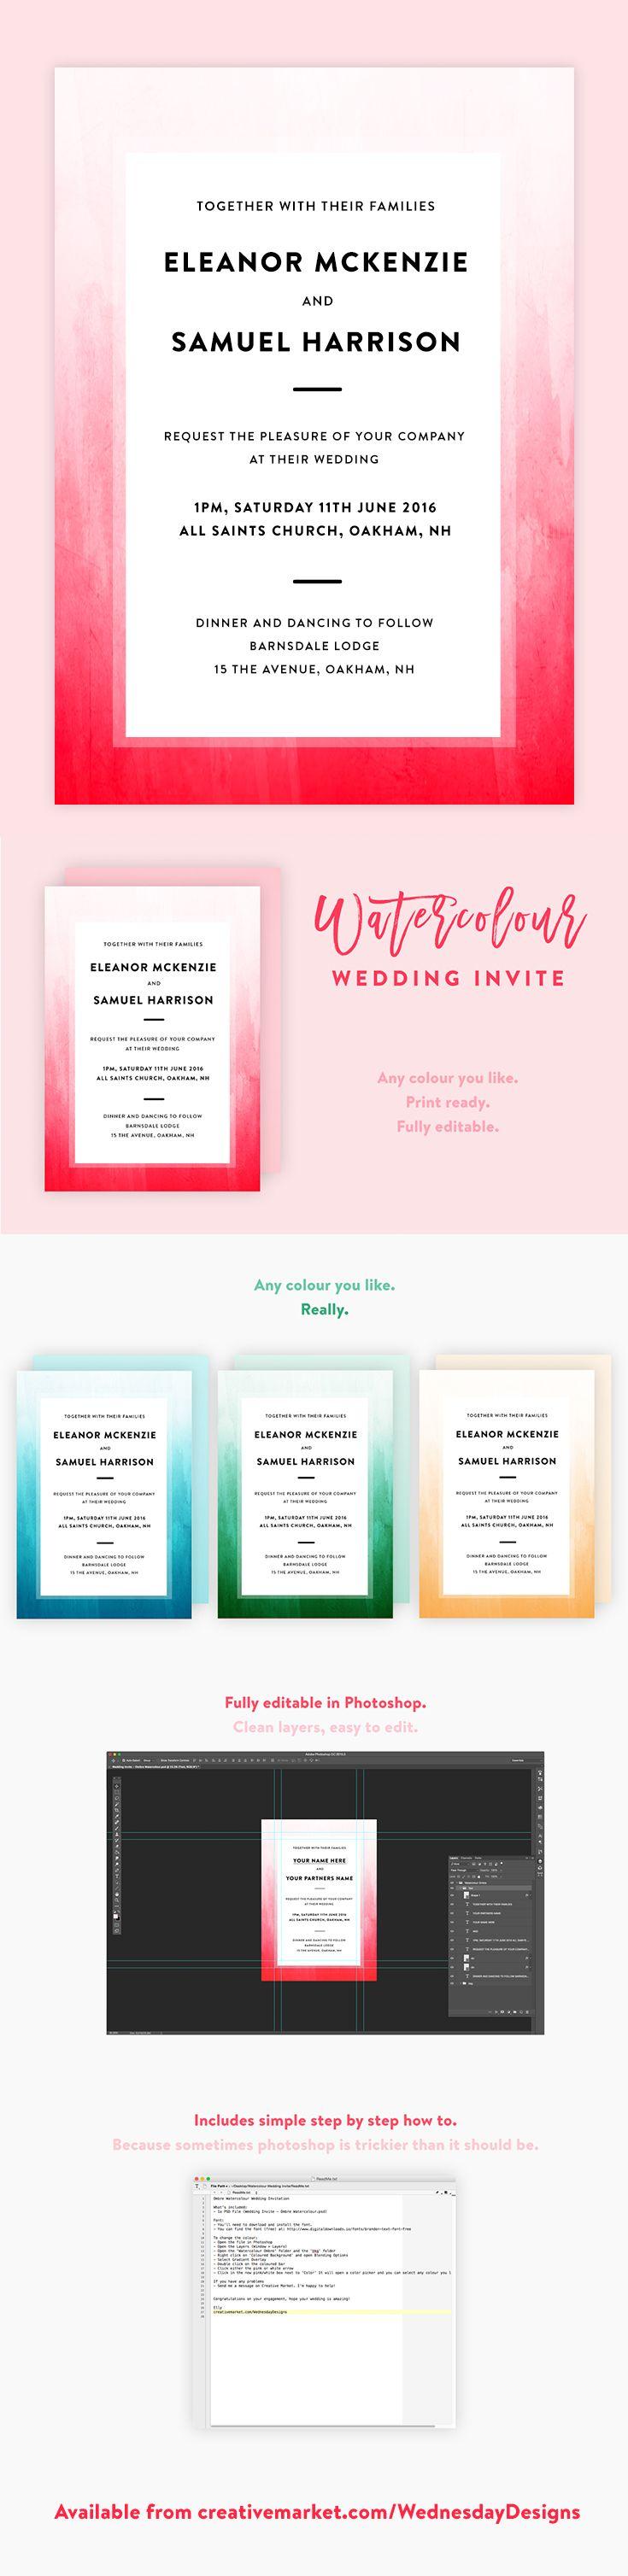 Ombre Watercolour Wedding Invite PSD Template - so pretty!